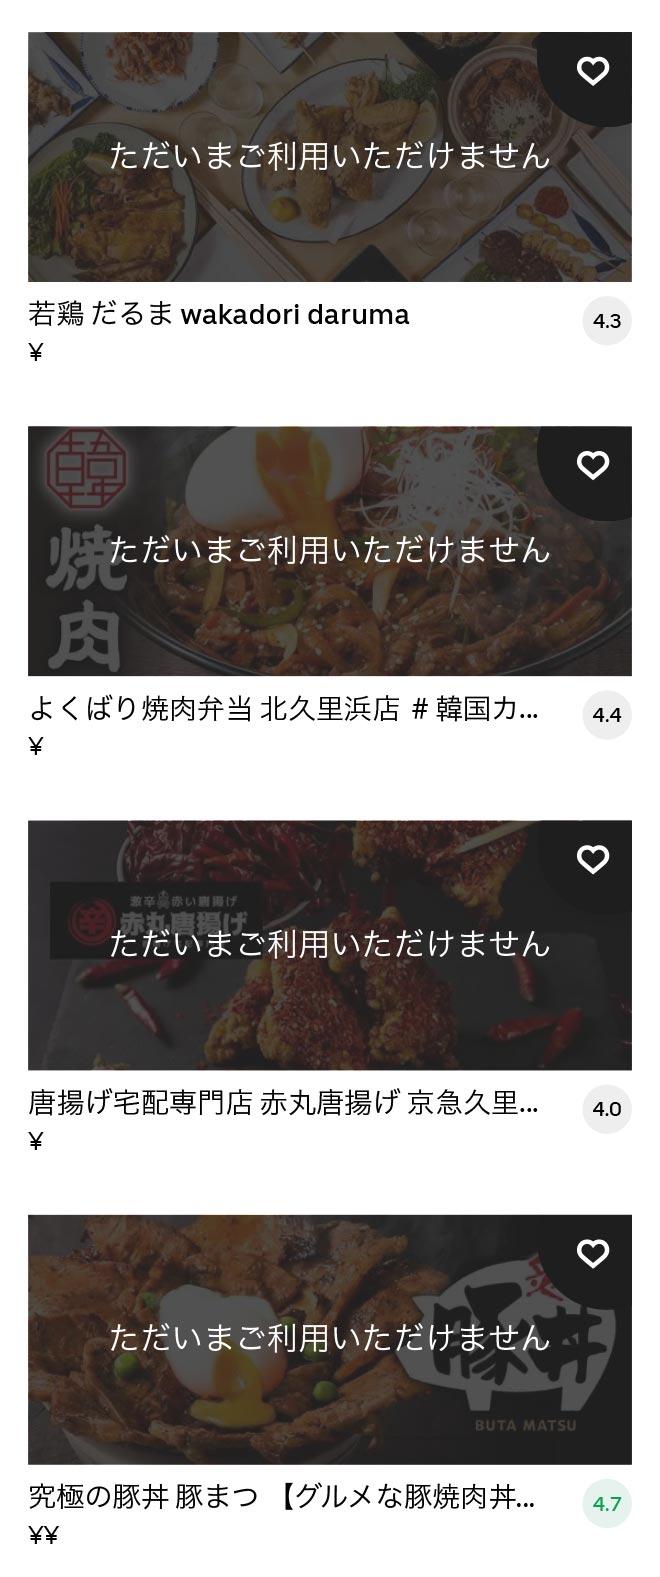 Kurihama menu 2011 08